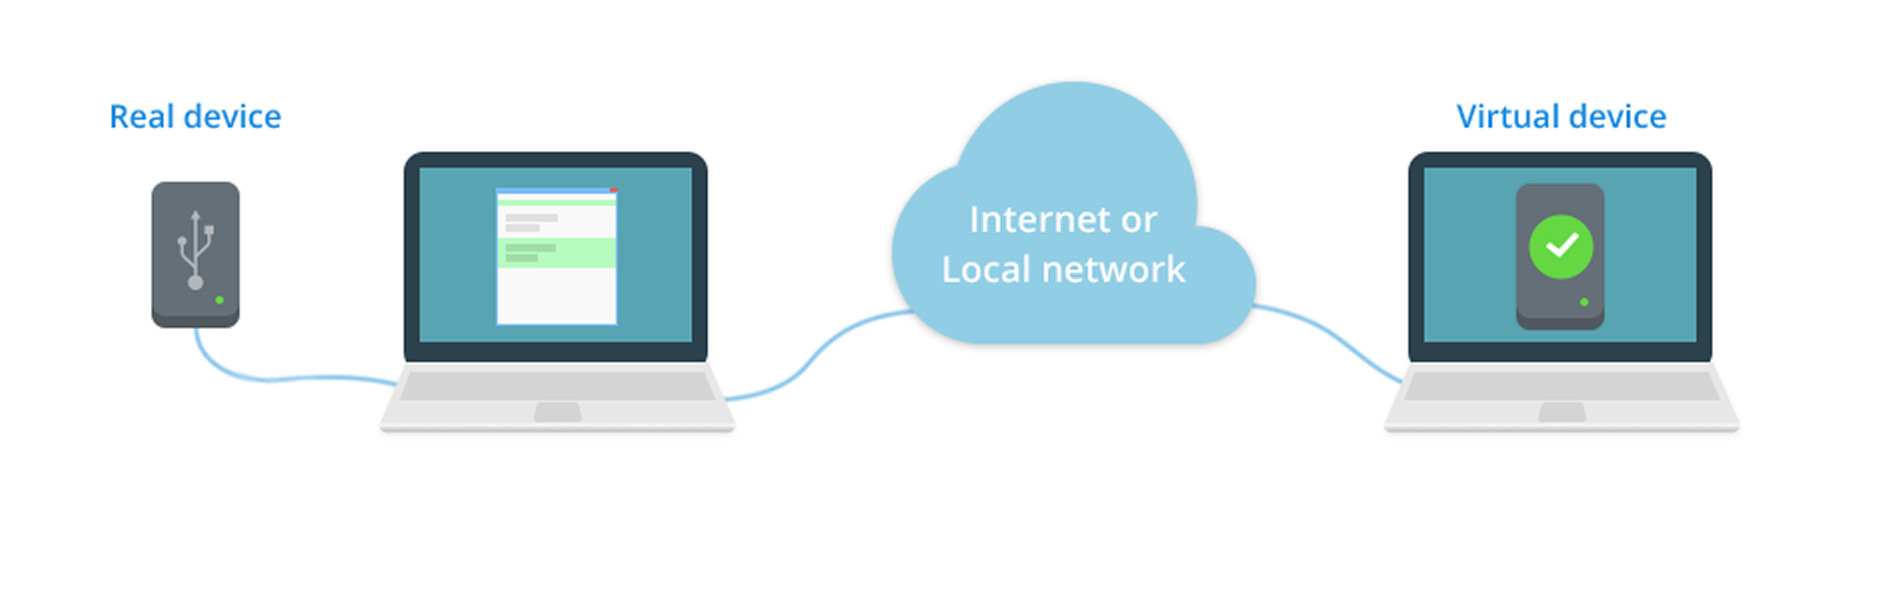 Share USB scanner over Network - USB Scanner over Ethernet